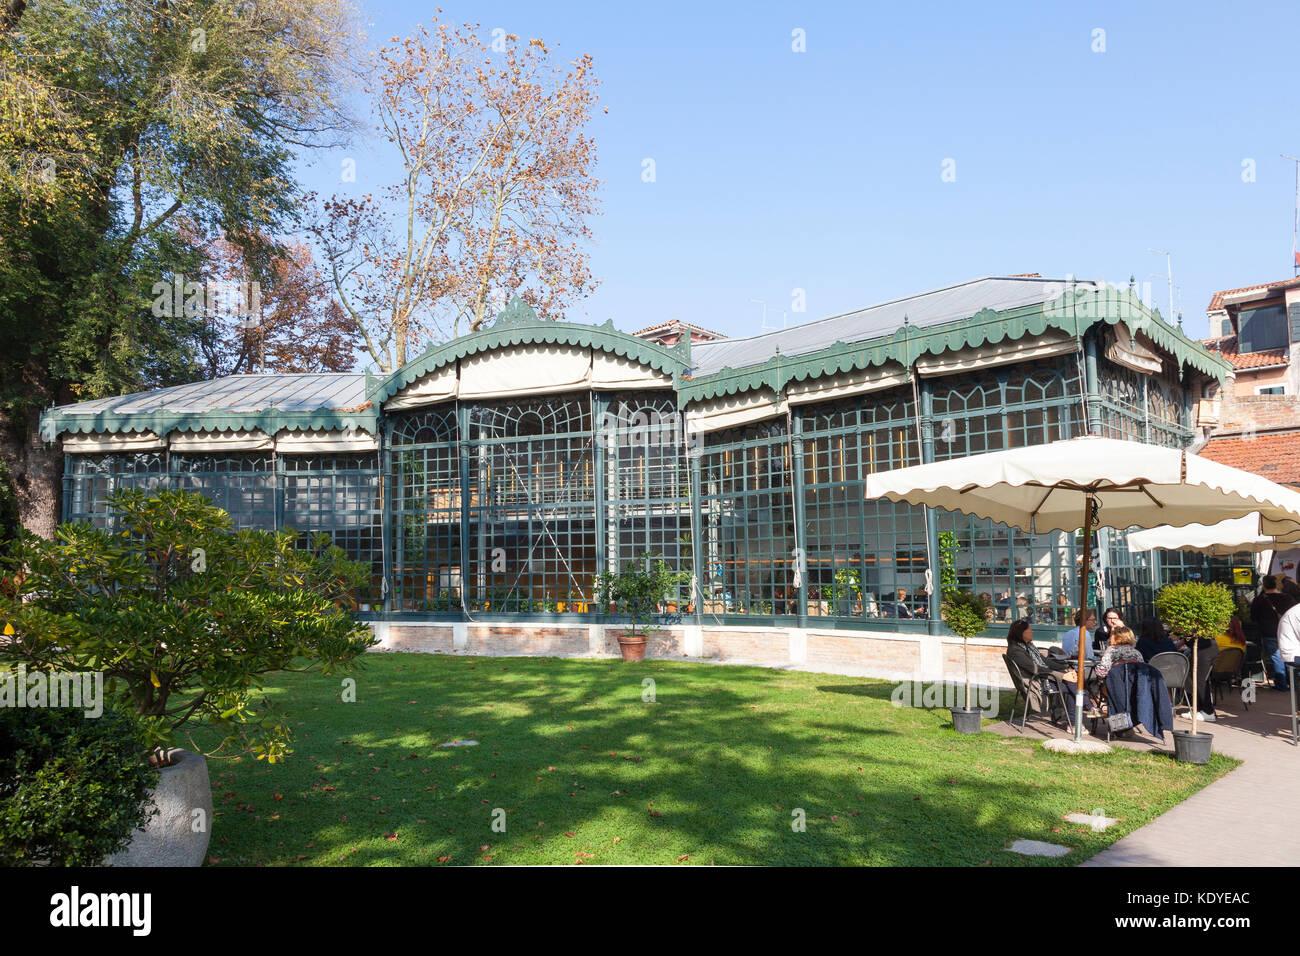 Serra dei Giardini restaurant in the historic old greenhouse in the Public Gardens, Castello, Venice, Veneto, Italy - Stock Image